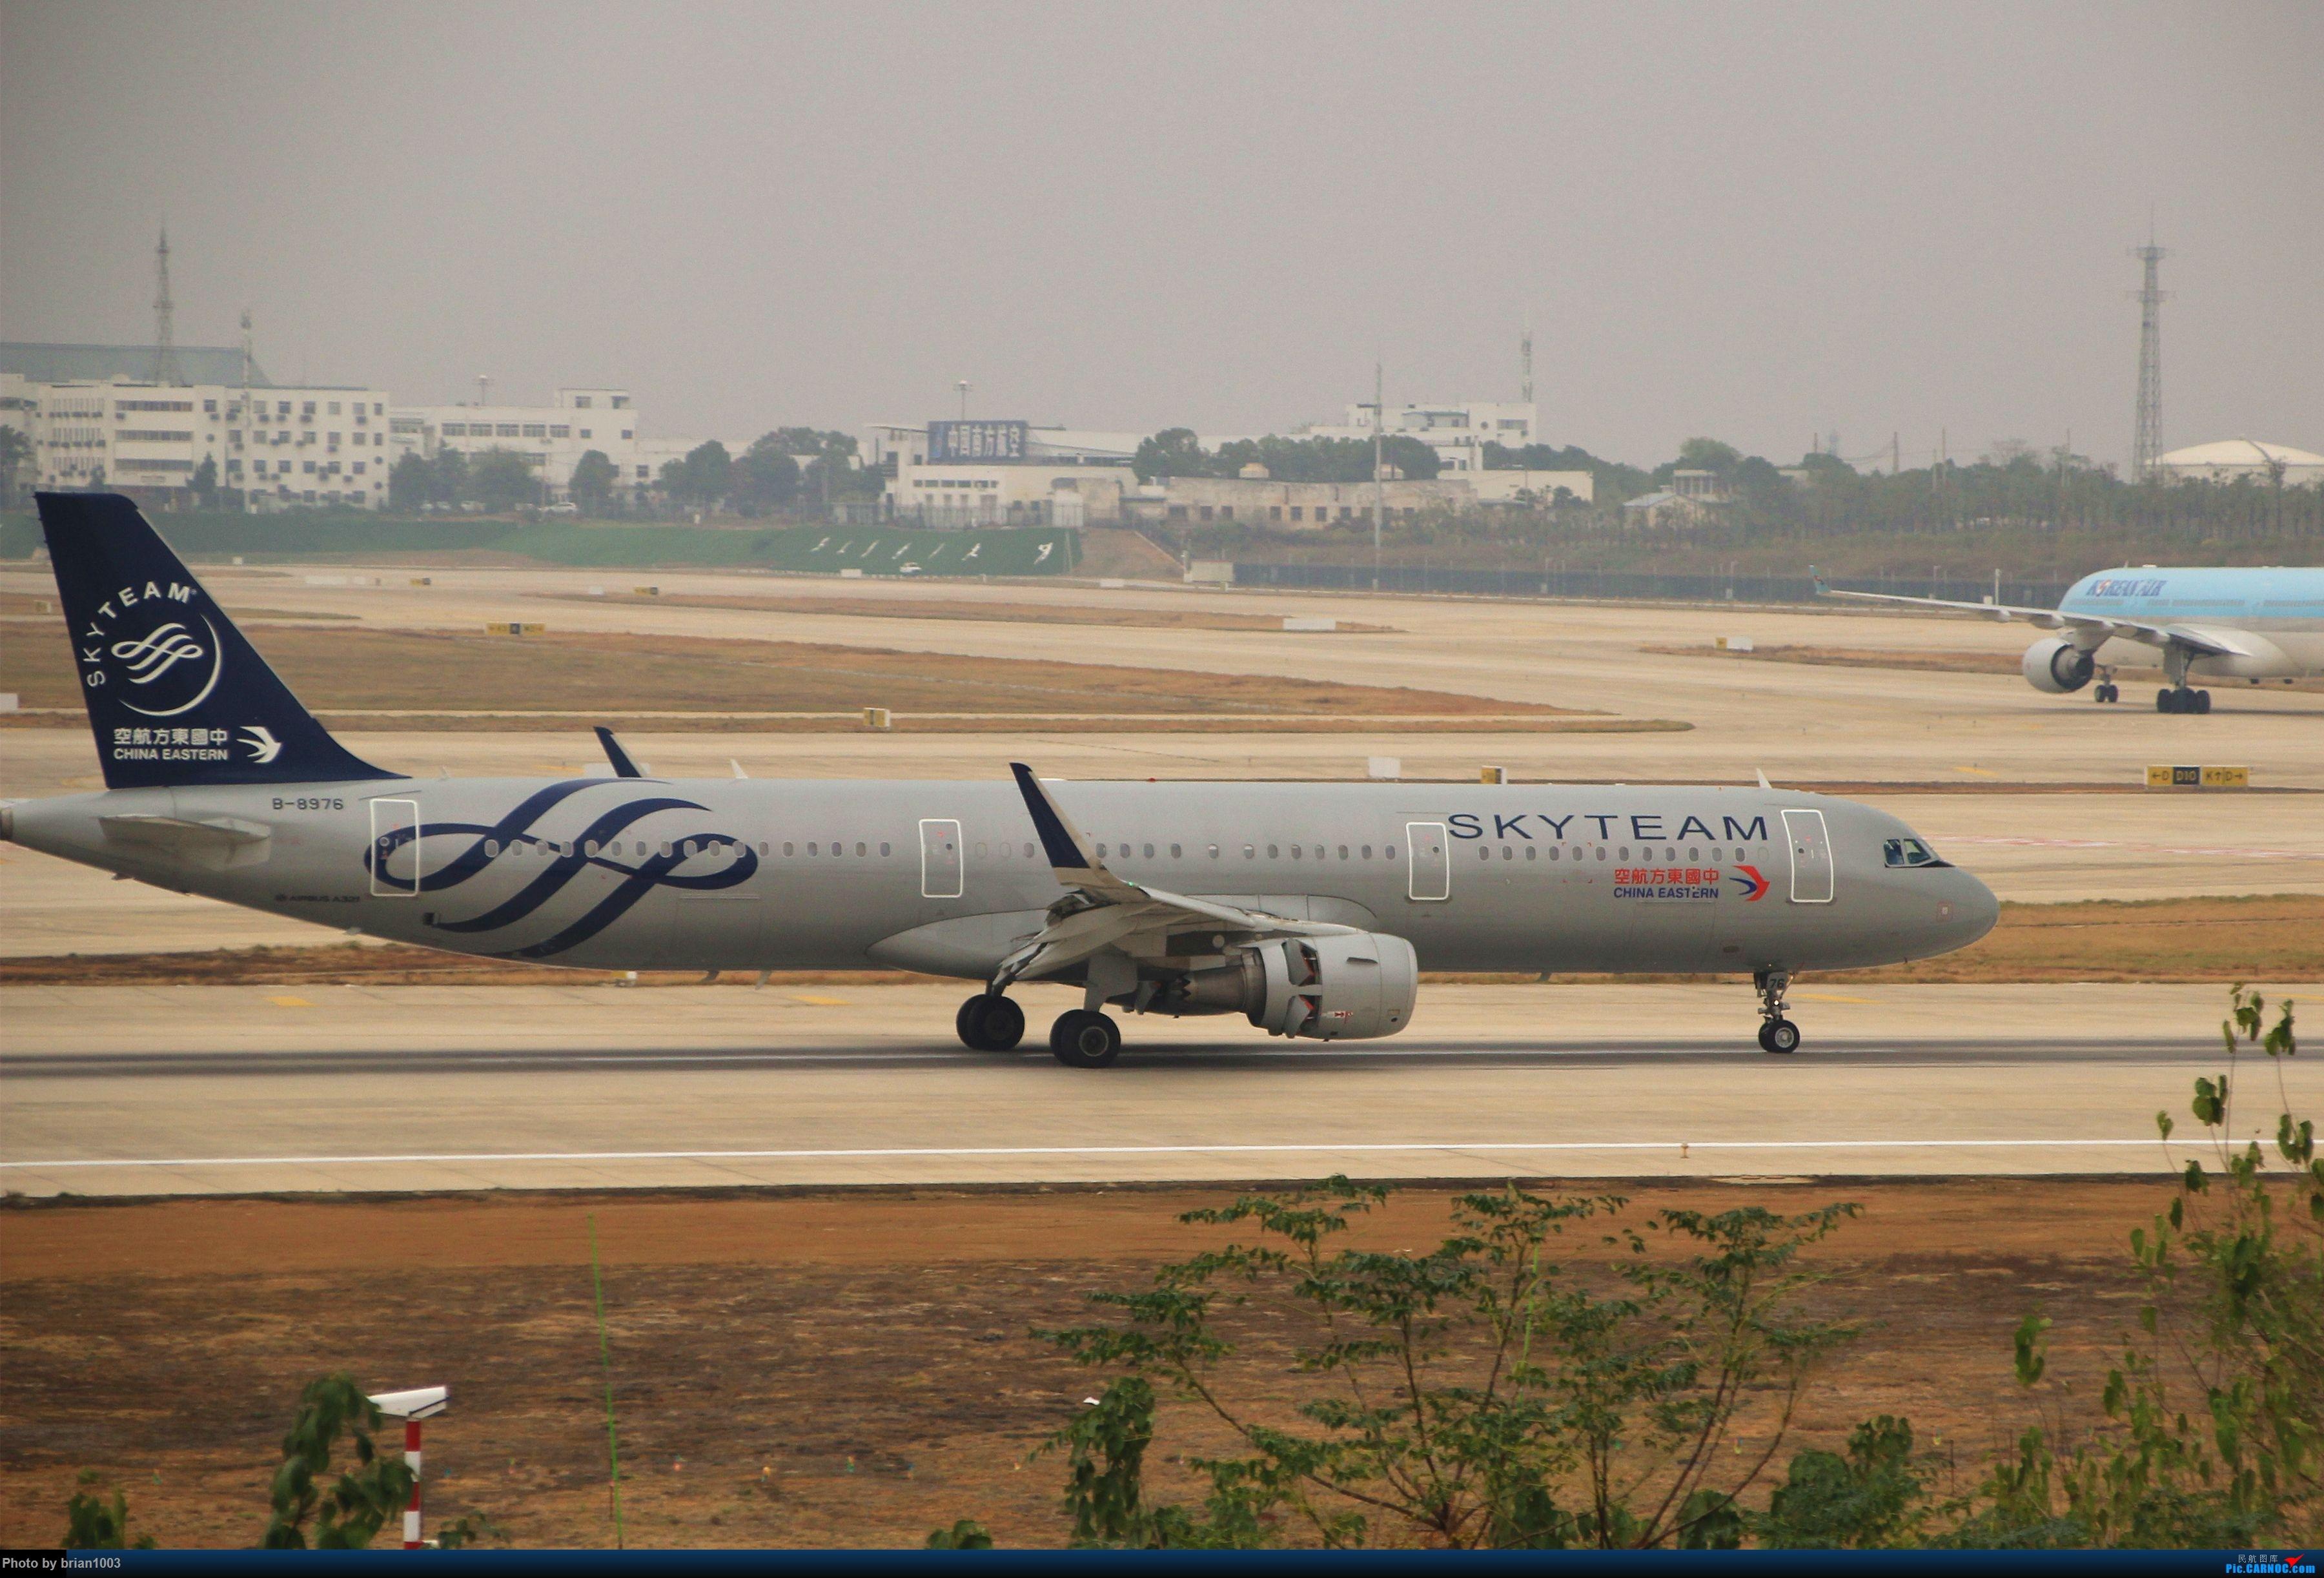 Re:[原创]WUH武汉天河机场拍机之精彩满满的十月(还可能更新) AIRBUS A321-200 B-8976 中国武汉天河国际机场